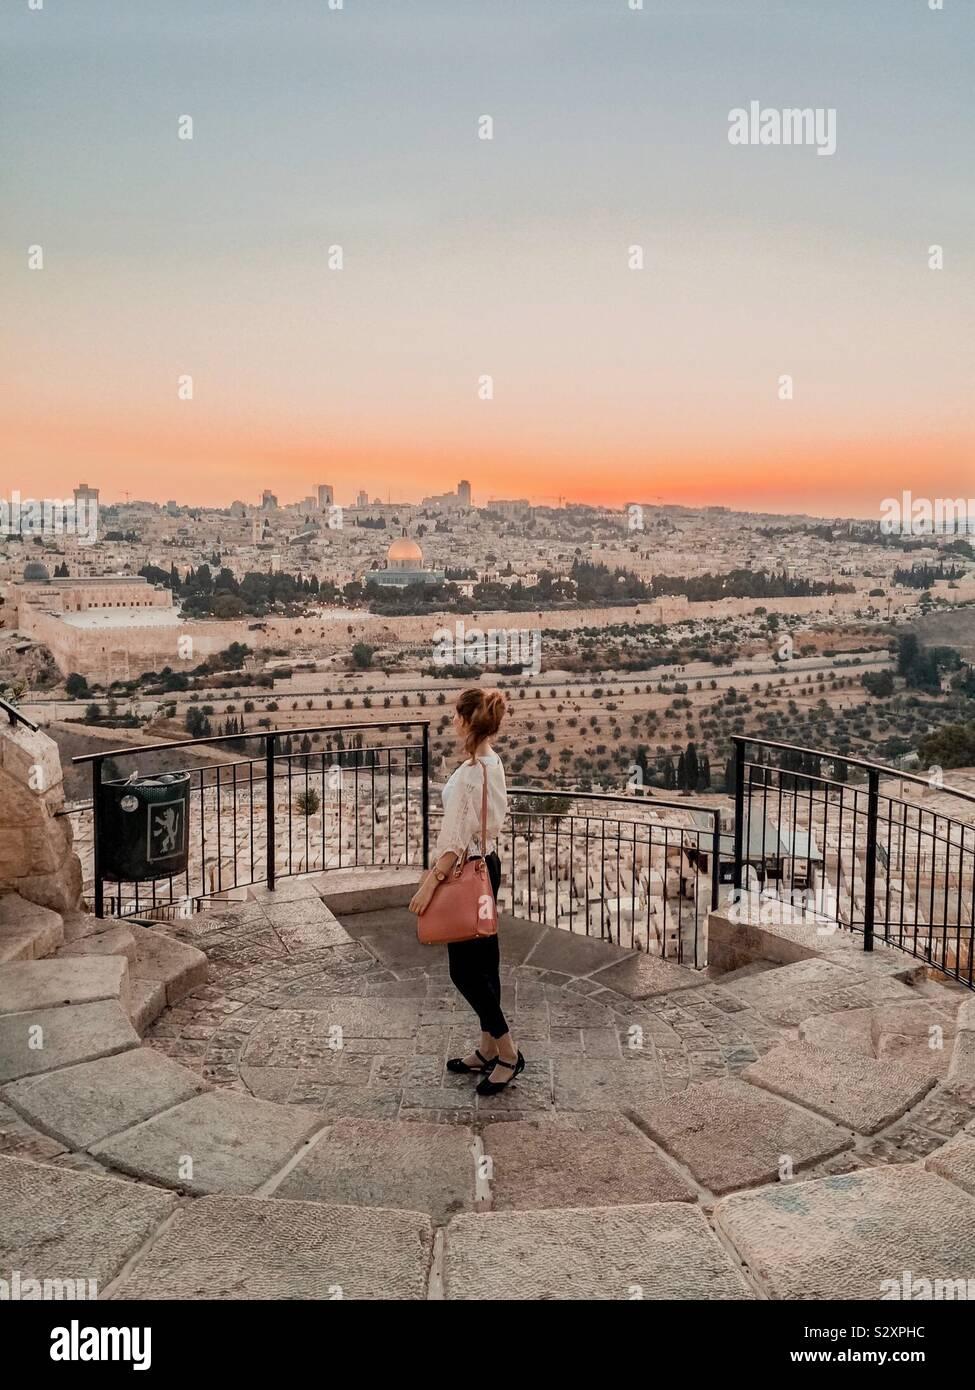 Giovane donna che domina la città di Gerusalemme, Israele, Medio Oriente Foto Stock